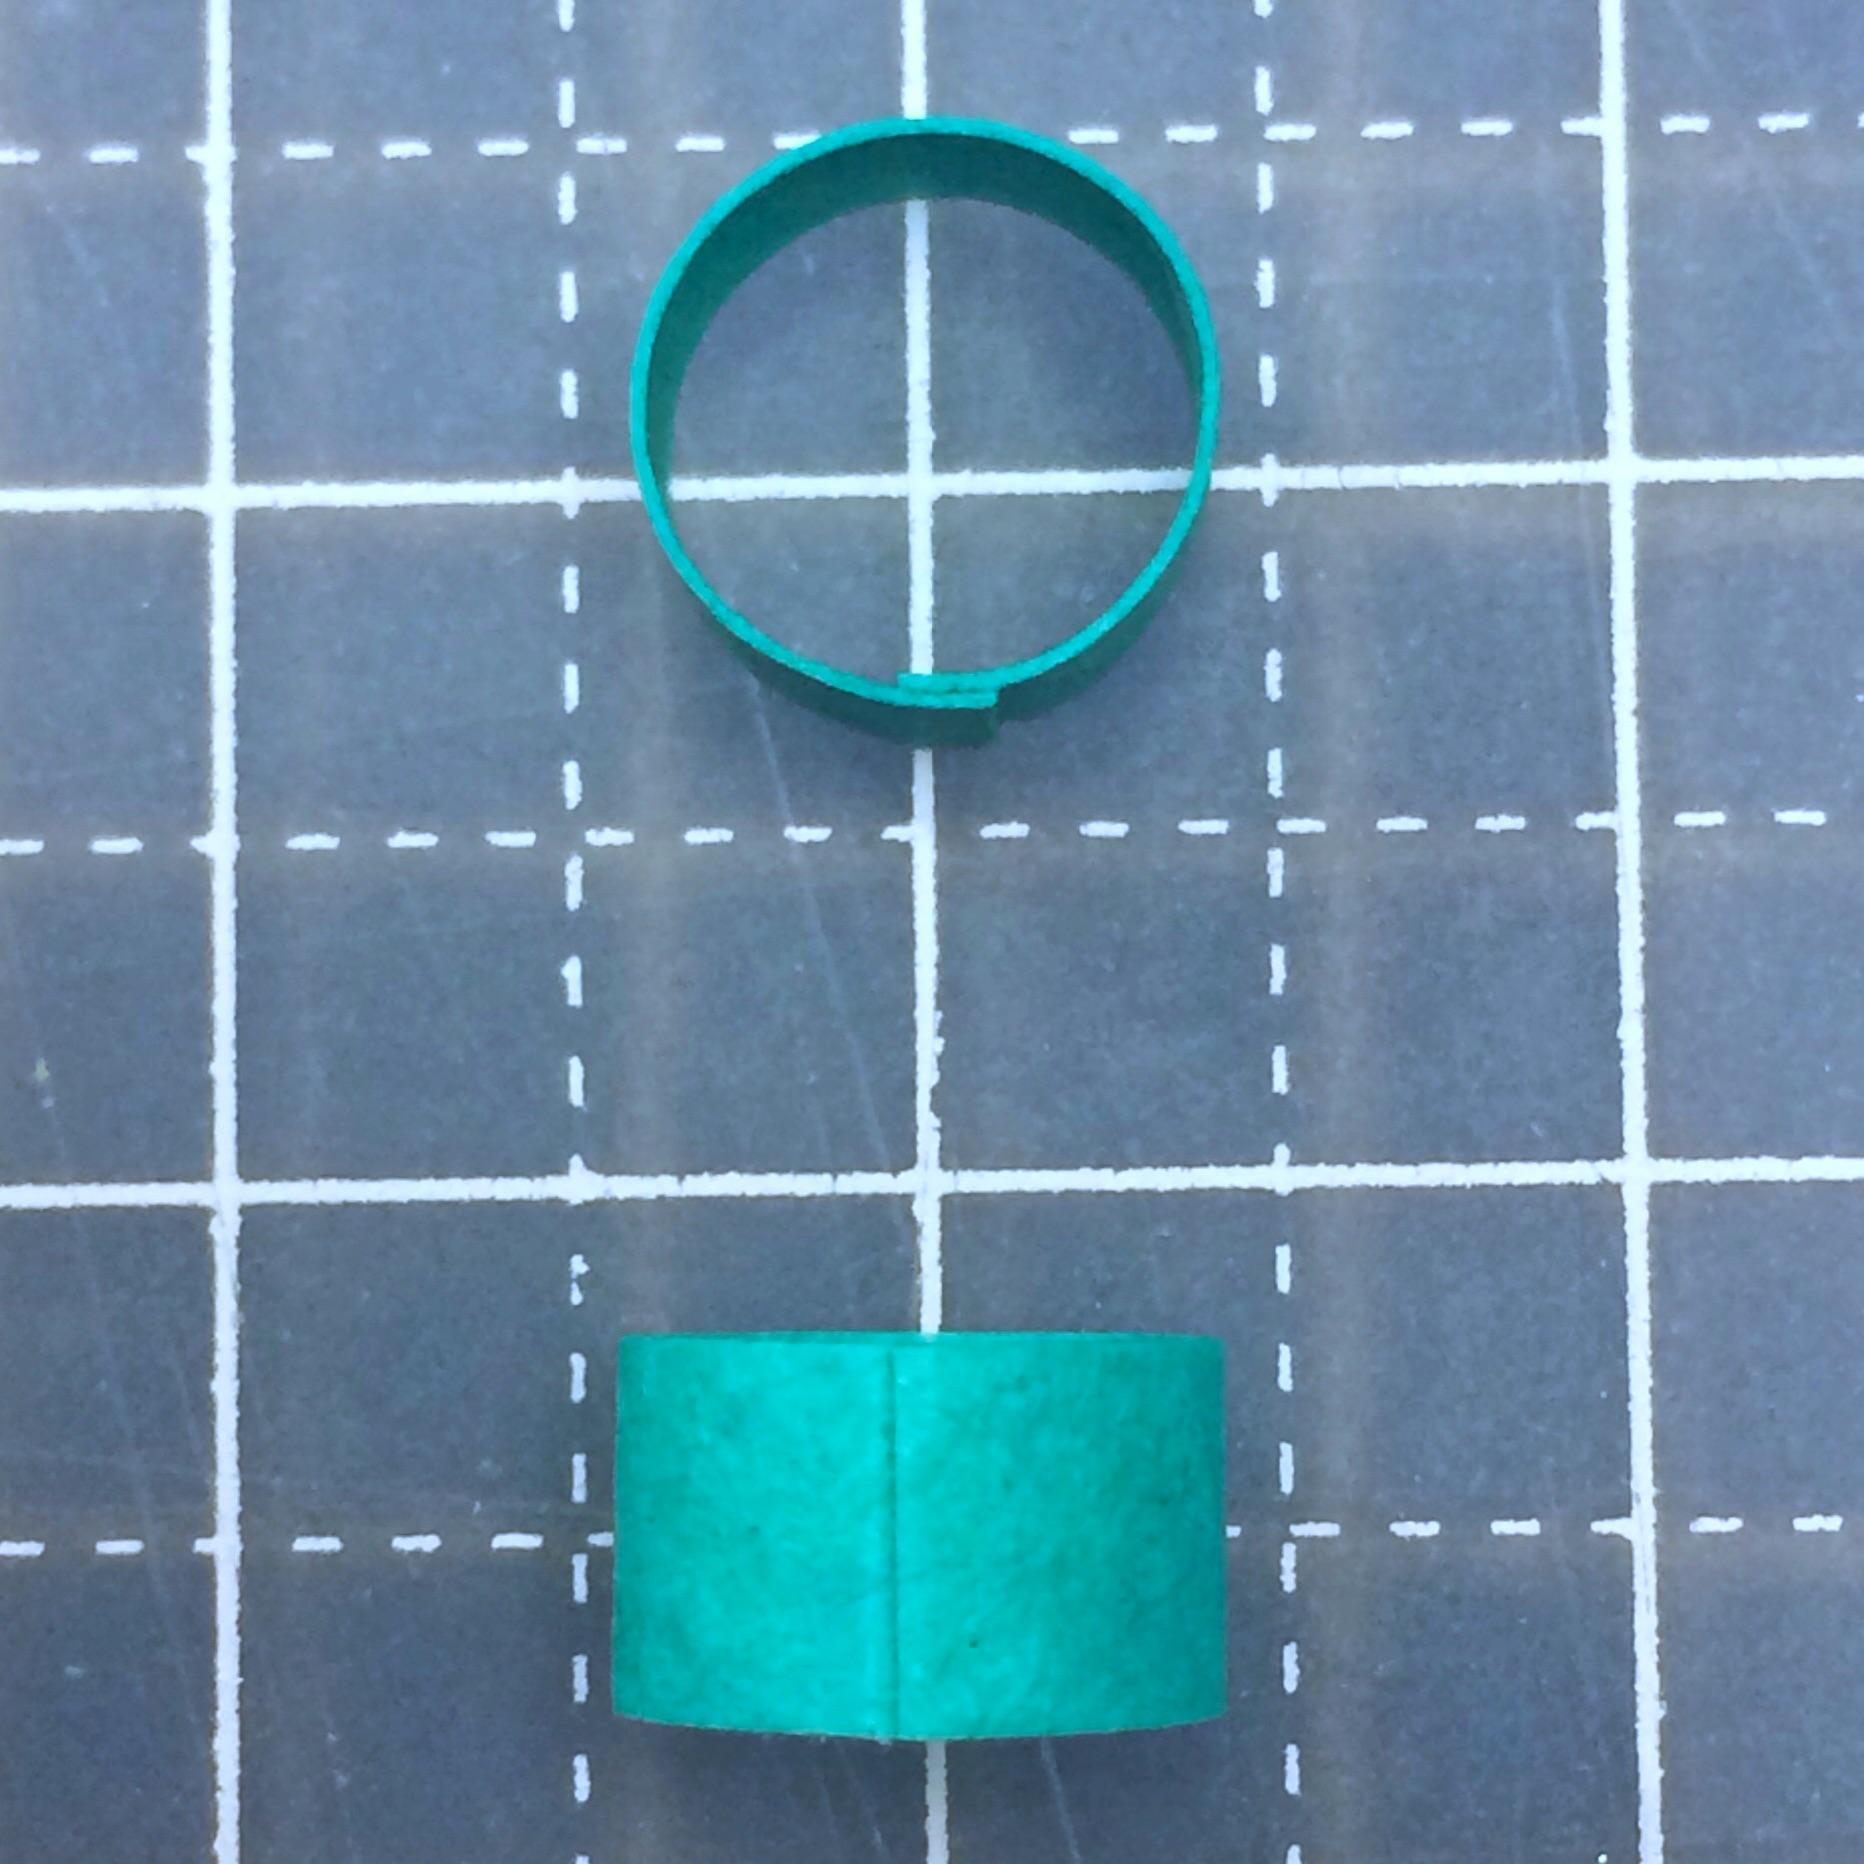 紙tateruテク シリンダー画像1